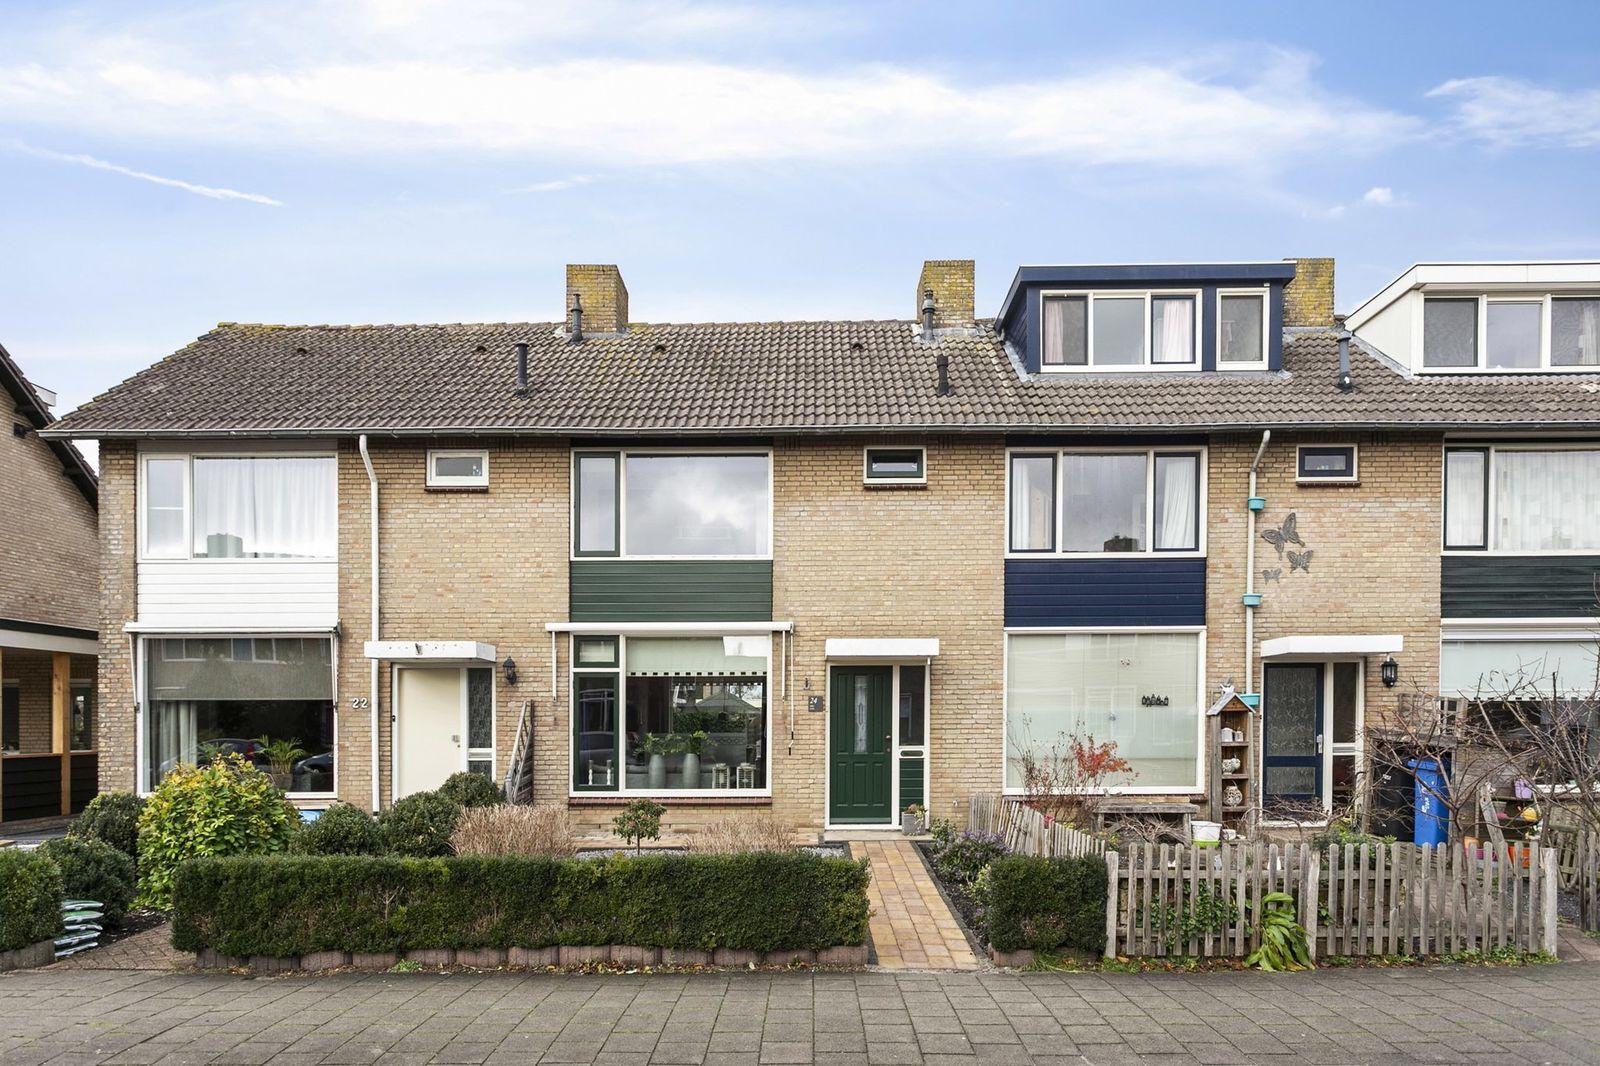 Prinses Beatrixstraat 24, Zegveld